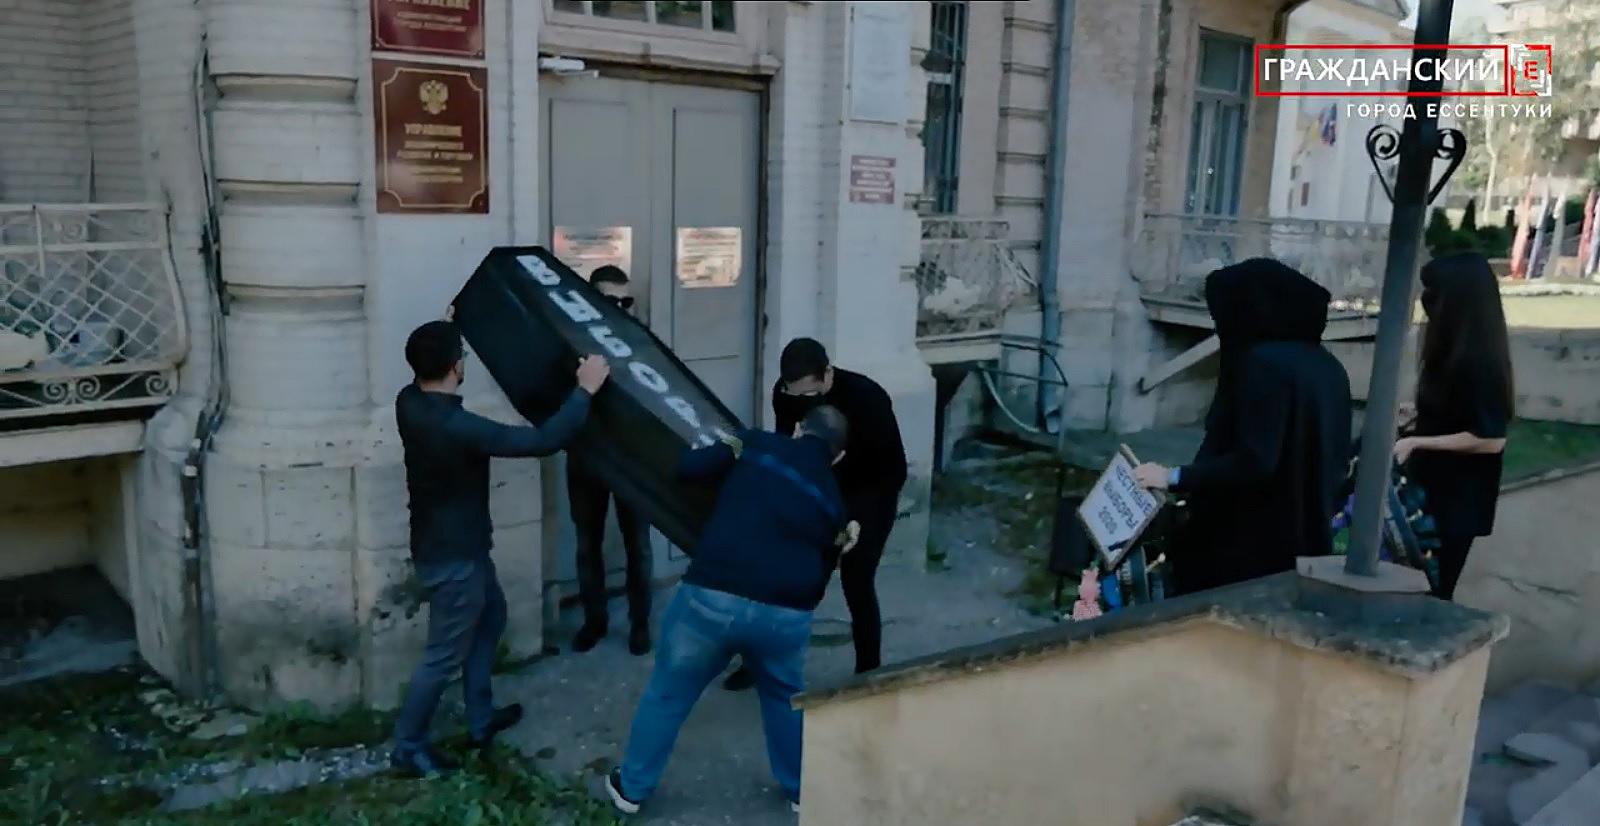 В Ессентуках группа активистов «похоронила» честные выборы